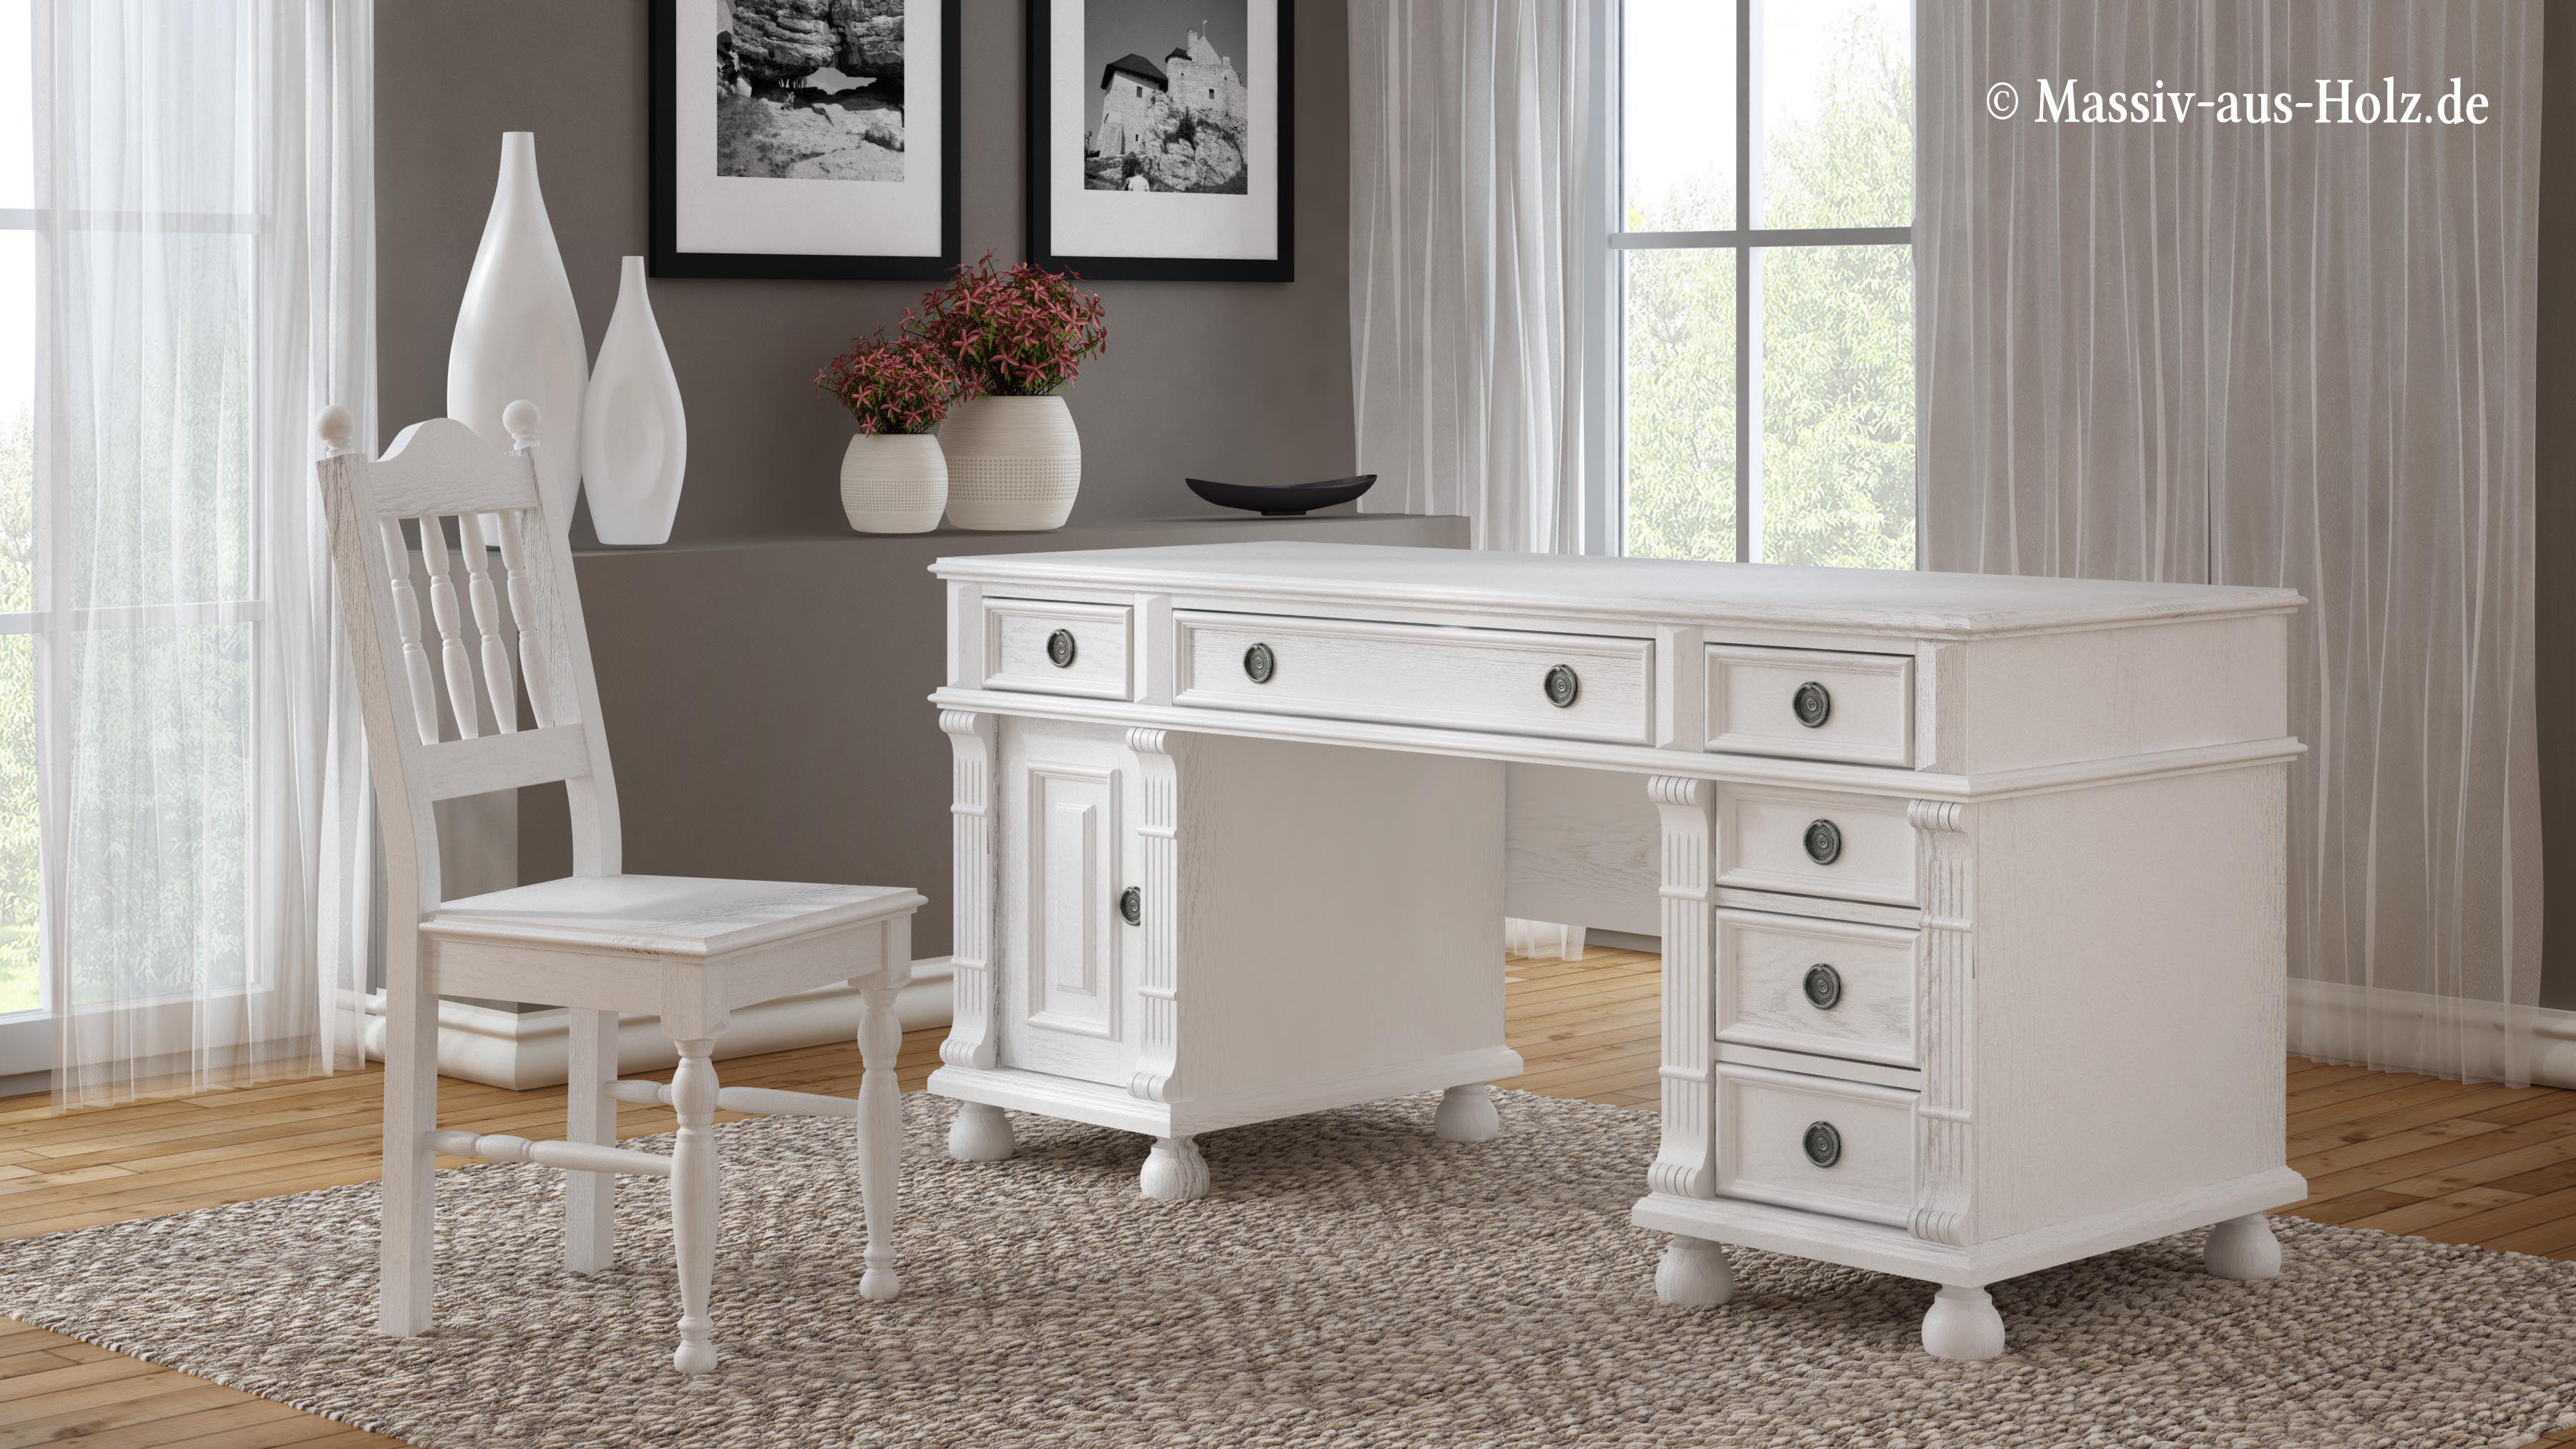 Weisser Schreibtisch Aus Massivholz Im Landhausstil Landhaus Mobel Schreibtischideen Schreibtisch Weiss